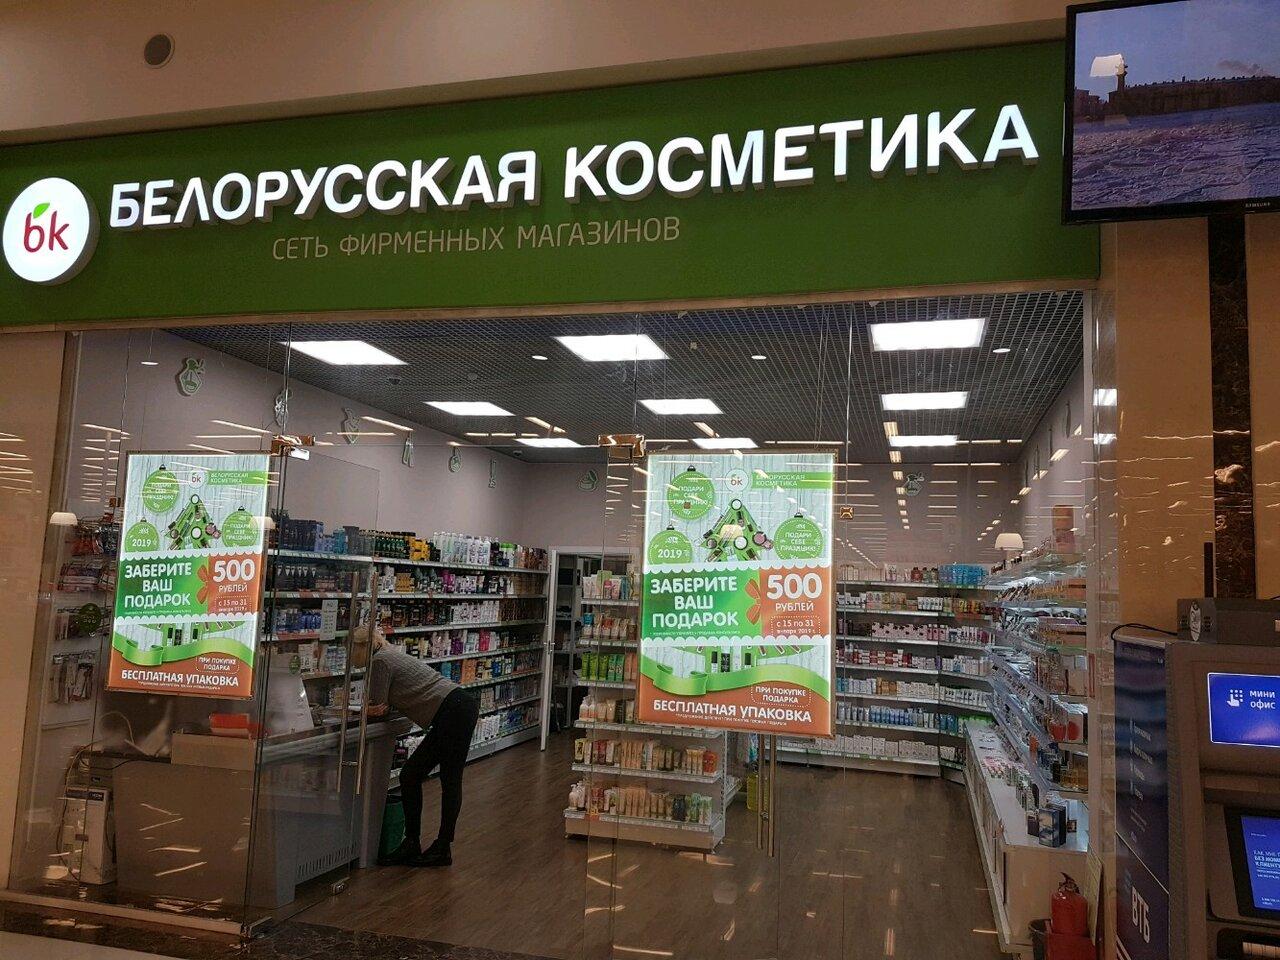 Где в питере купить белорусскую косметику купить косметику whamisa